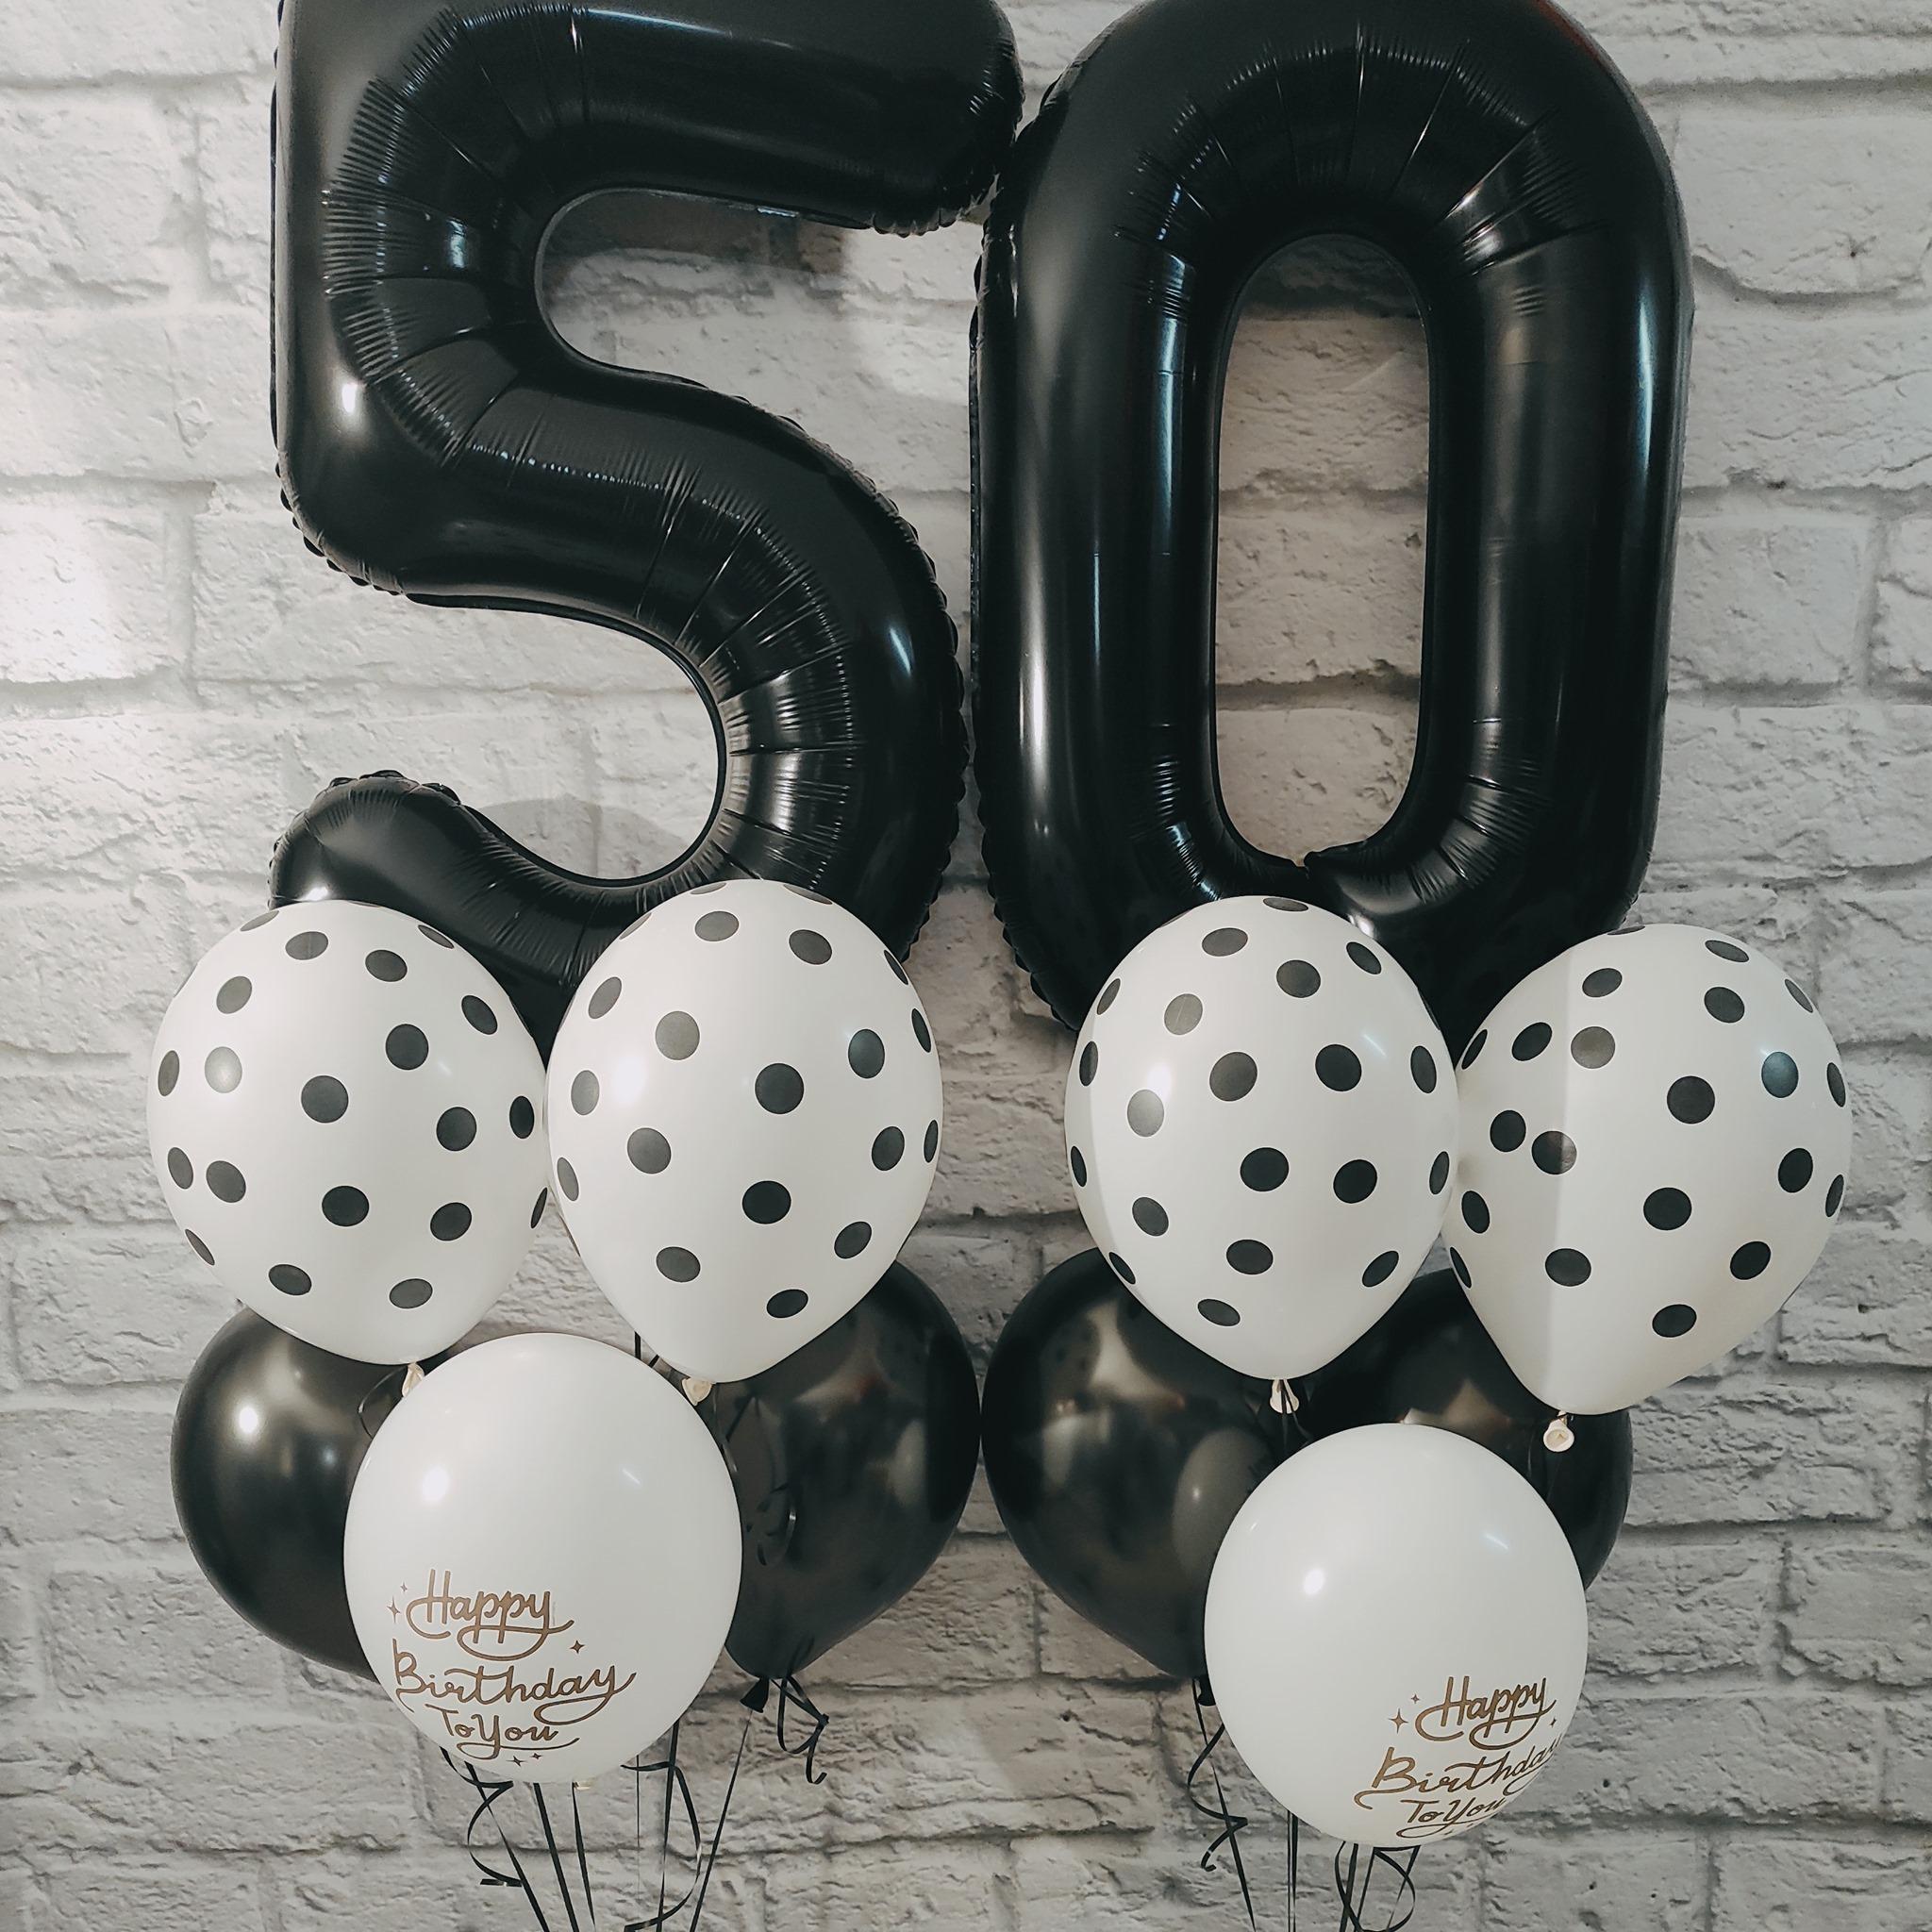 Bouquet de Balões Números | Surpresas com Balões Algarve - Oficina de Sonhos